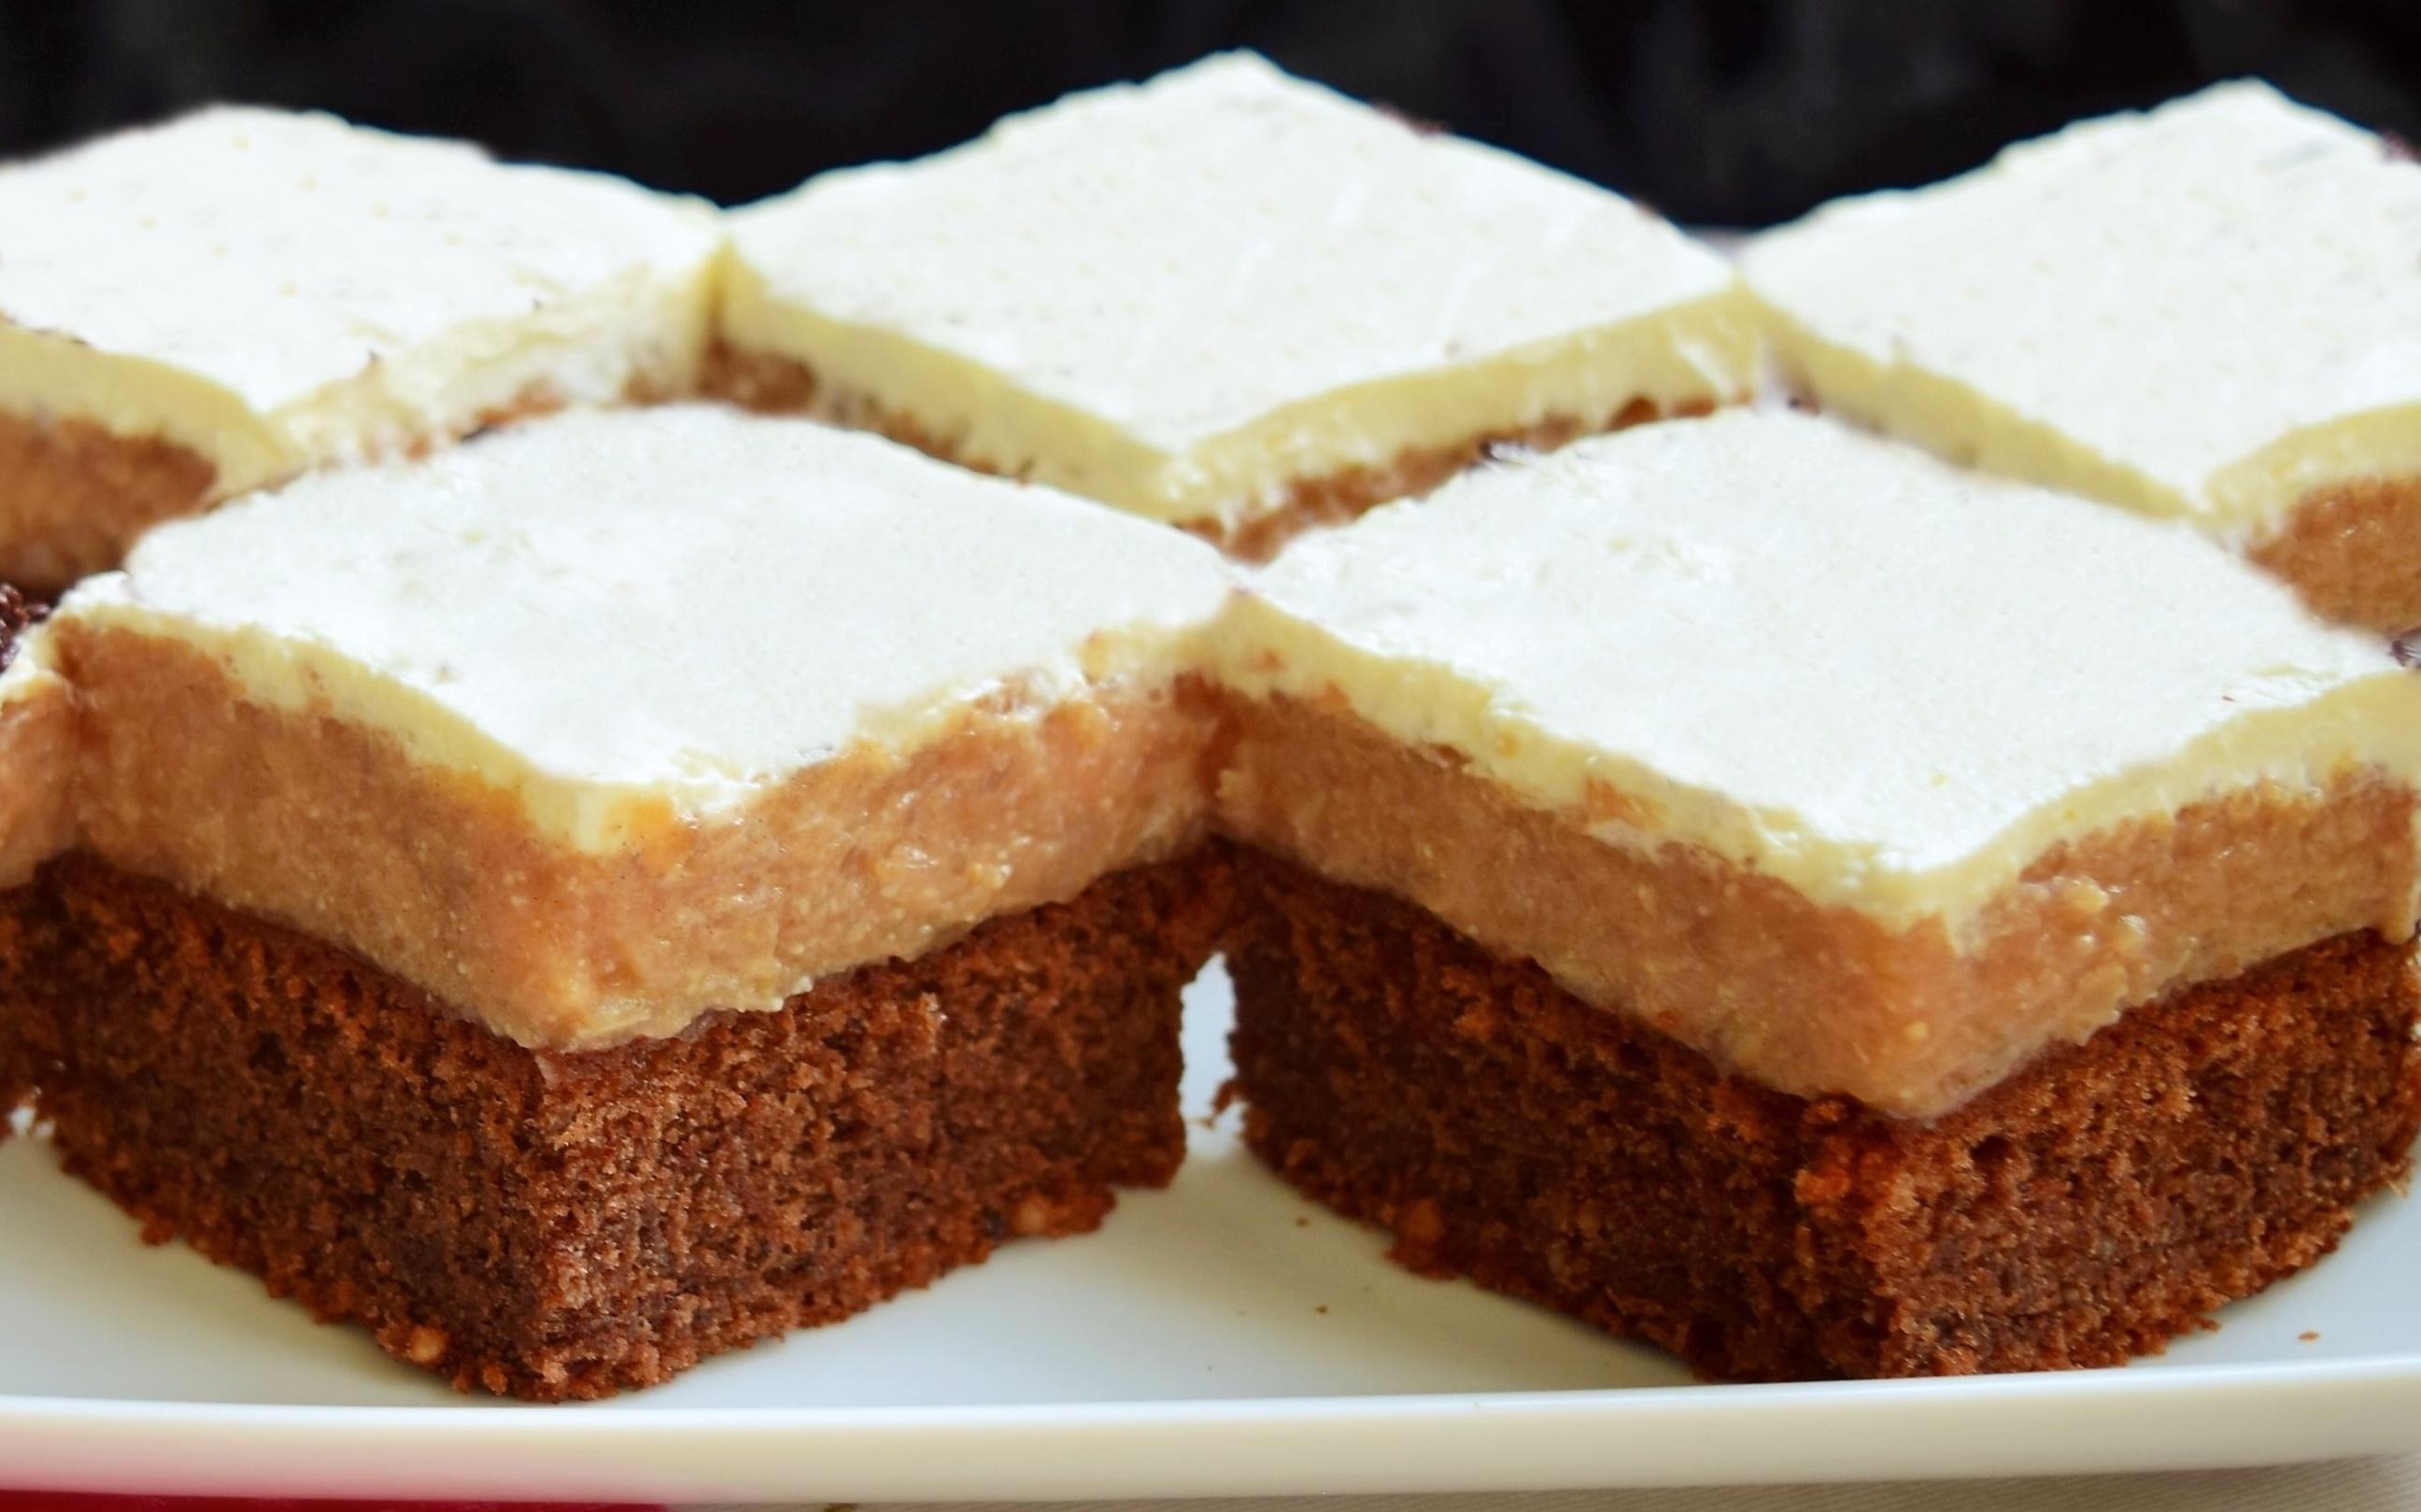 Brownie cu mere caramelizate și frișcă vanilată. Un desert delicios ce cucerește orice pofticios!